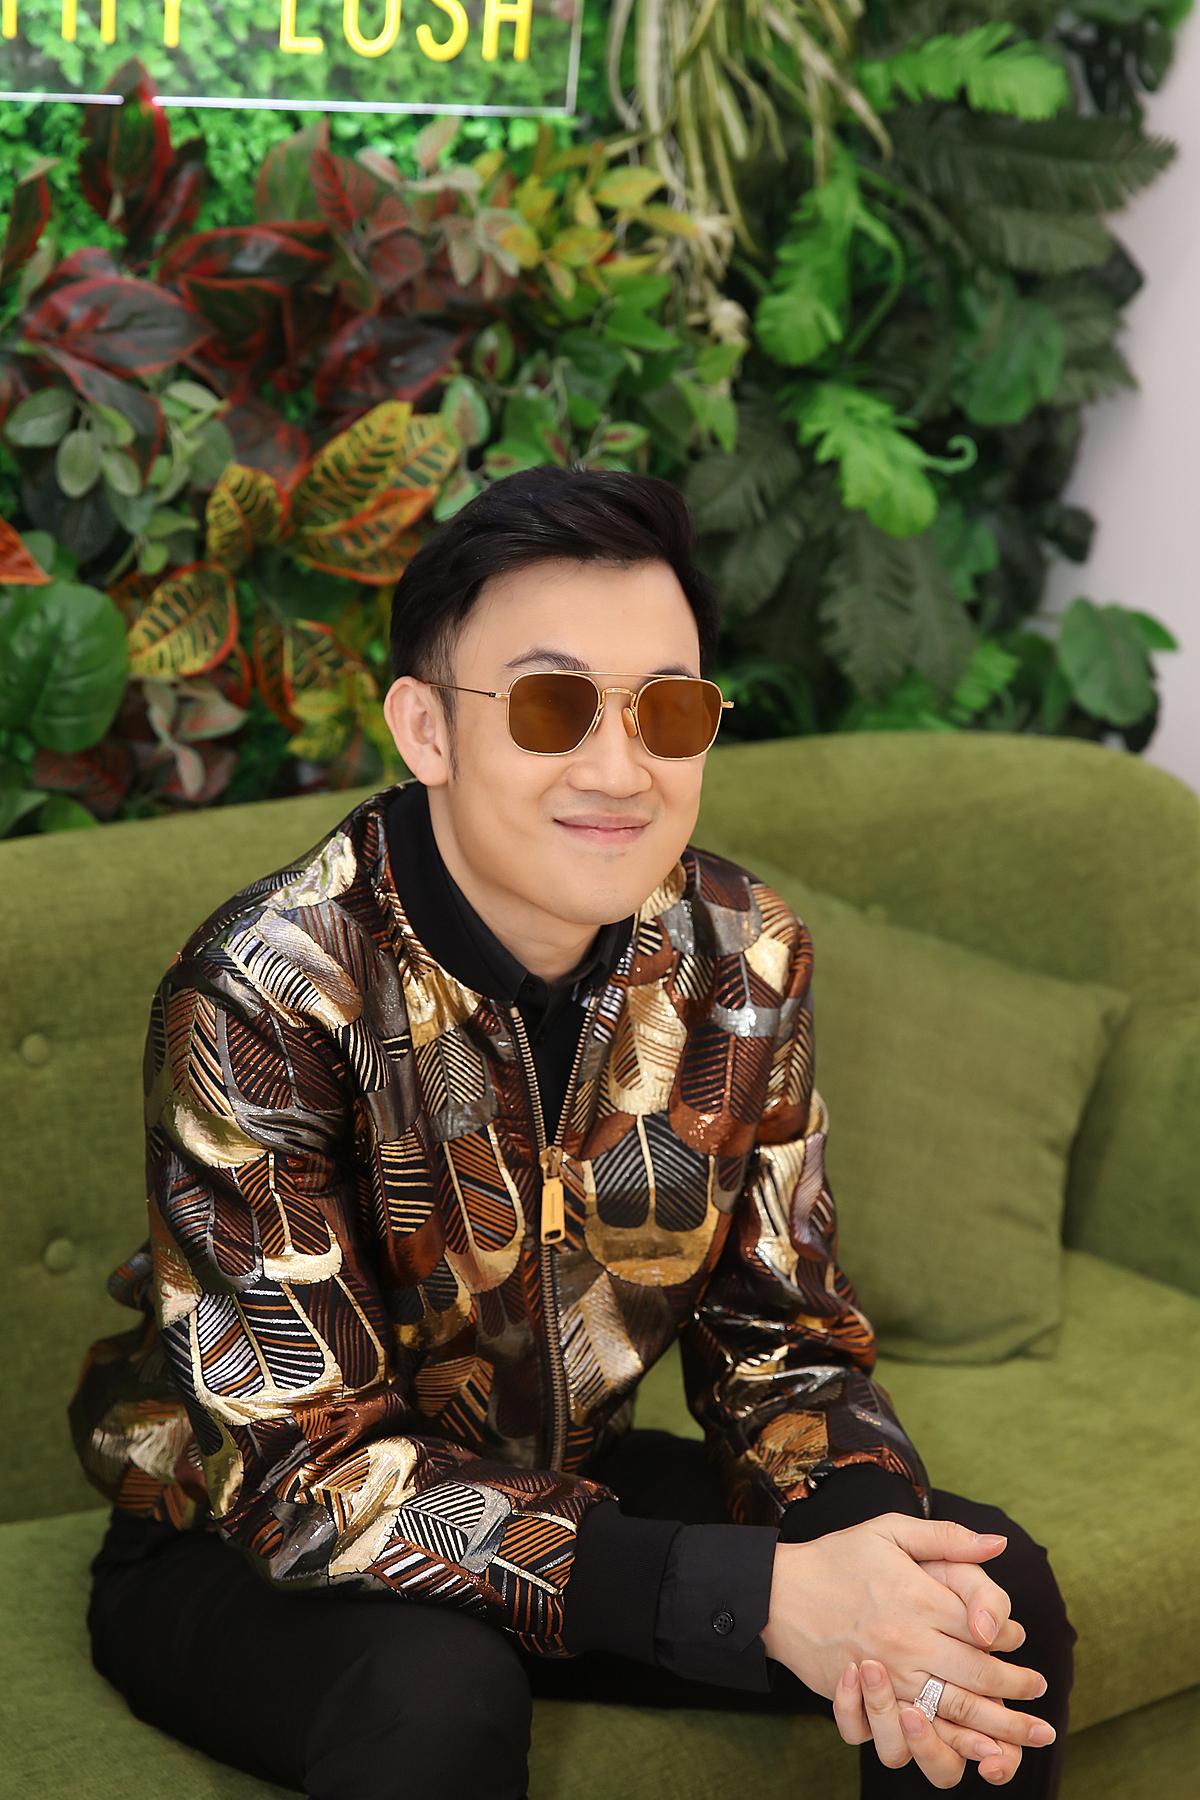 Mở đầu sự kiện ngày 28/12, Dương Triệu Vũ xuất hiện và trình diễn những tiết mục sôi động dành tặng khán giả Thanh Hoá. Trước sự ủng hộ của khán giả, anh đã mời một fan lớn tuổi lên sân khấu để biểu diễn cùng mình.